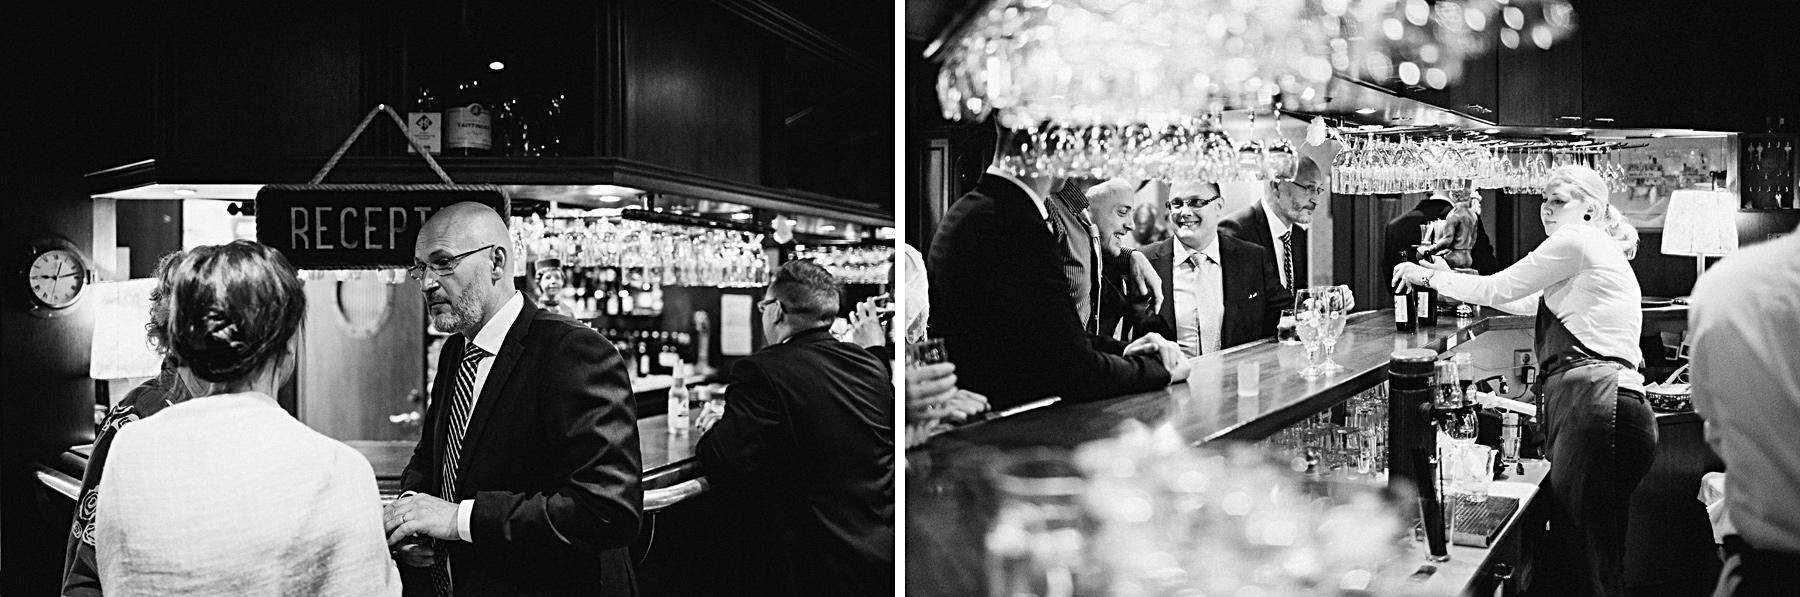 mingel i baren